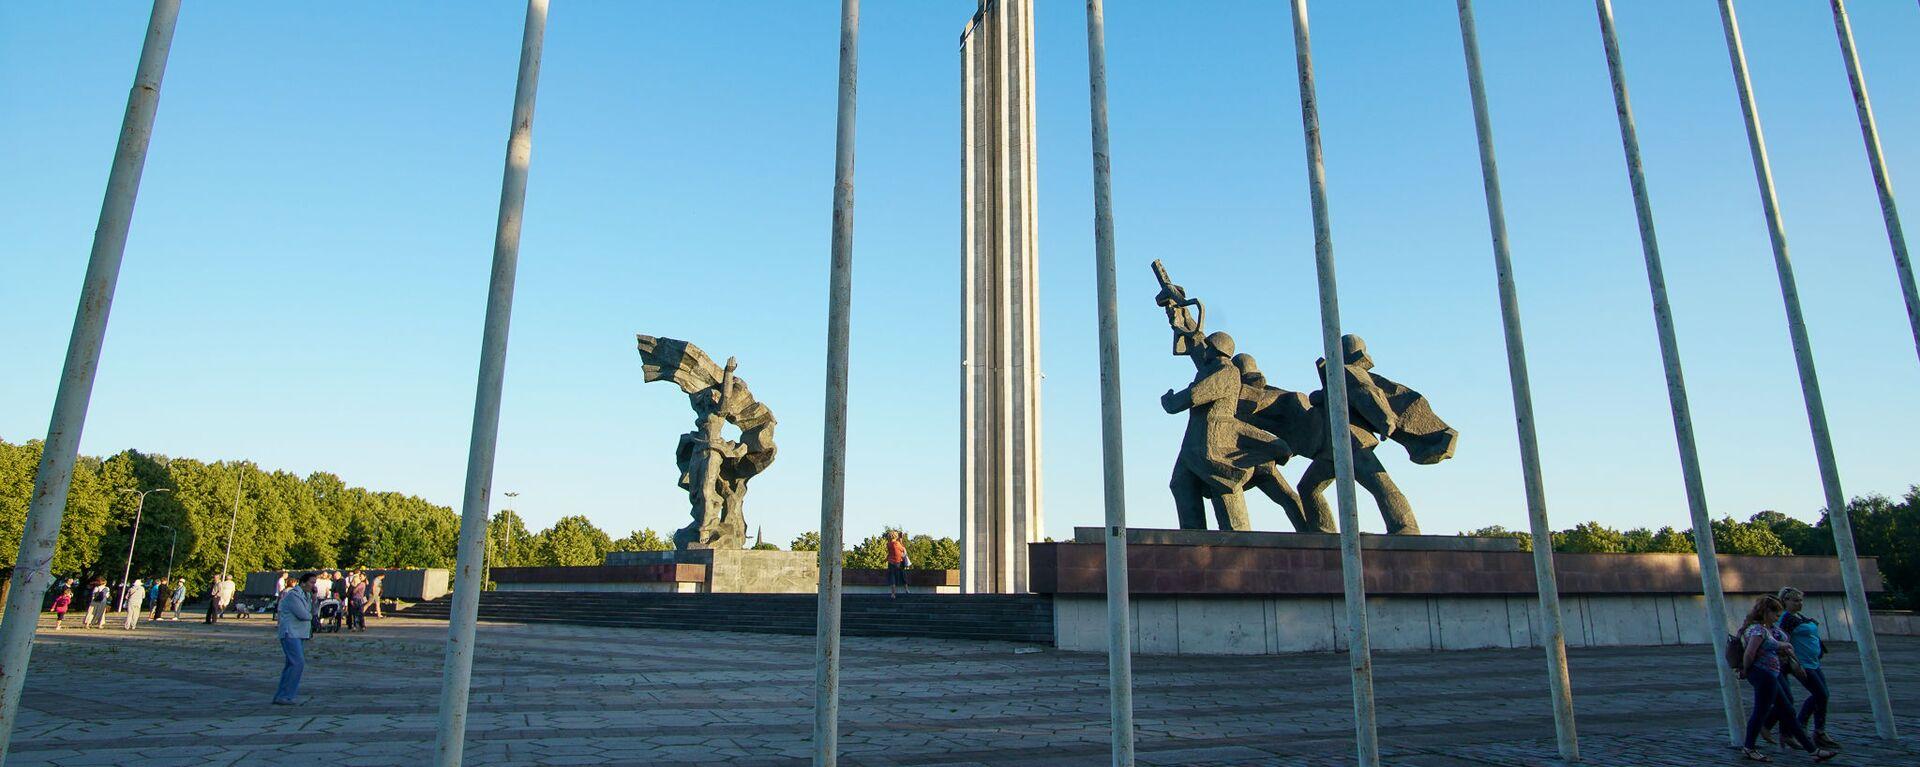 Памятник Освободителям Риги - Sputnik Latvija, 1920, 19.02.2021